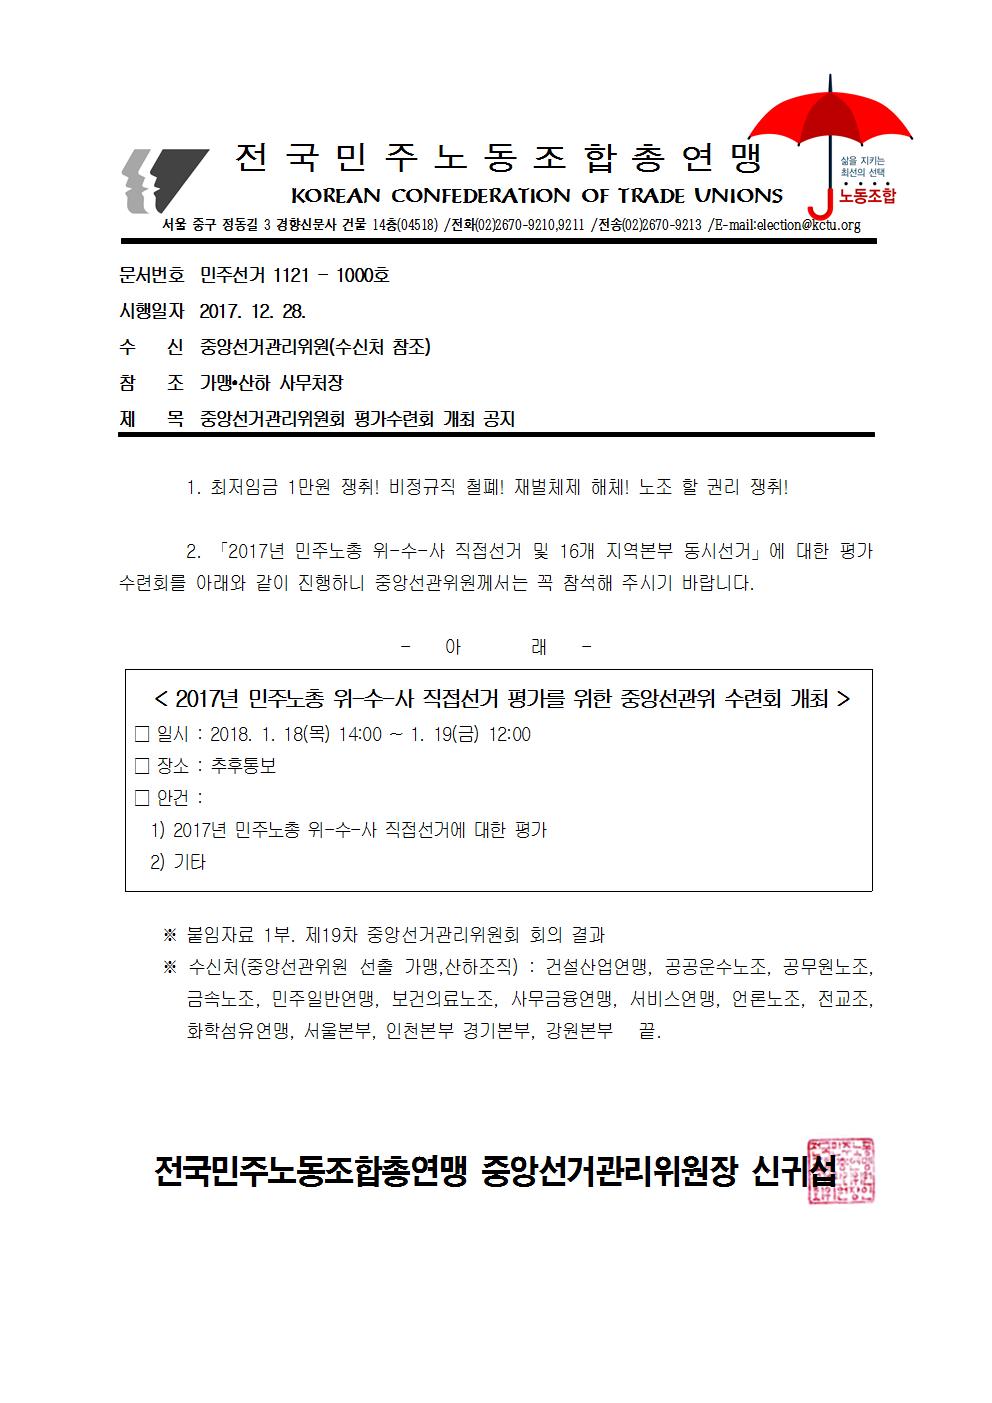 17kctu1000_중앙선거관리위원회 평가수련회 개최 공지001.png